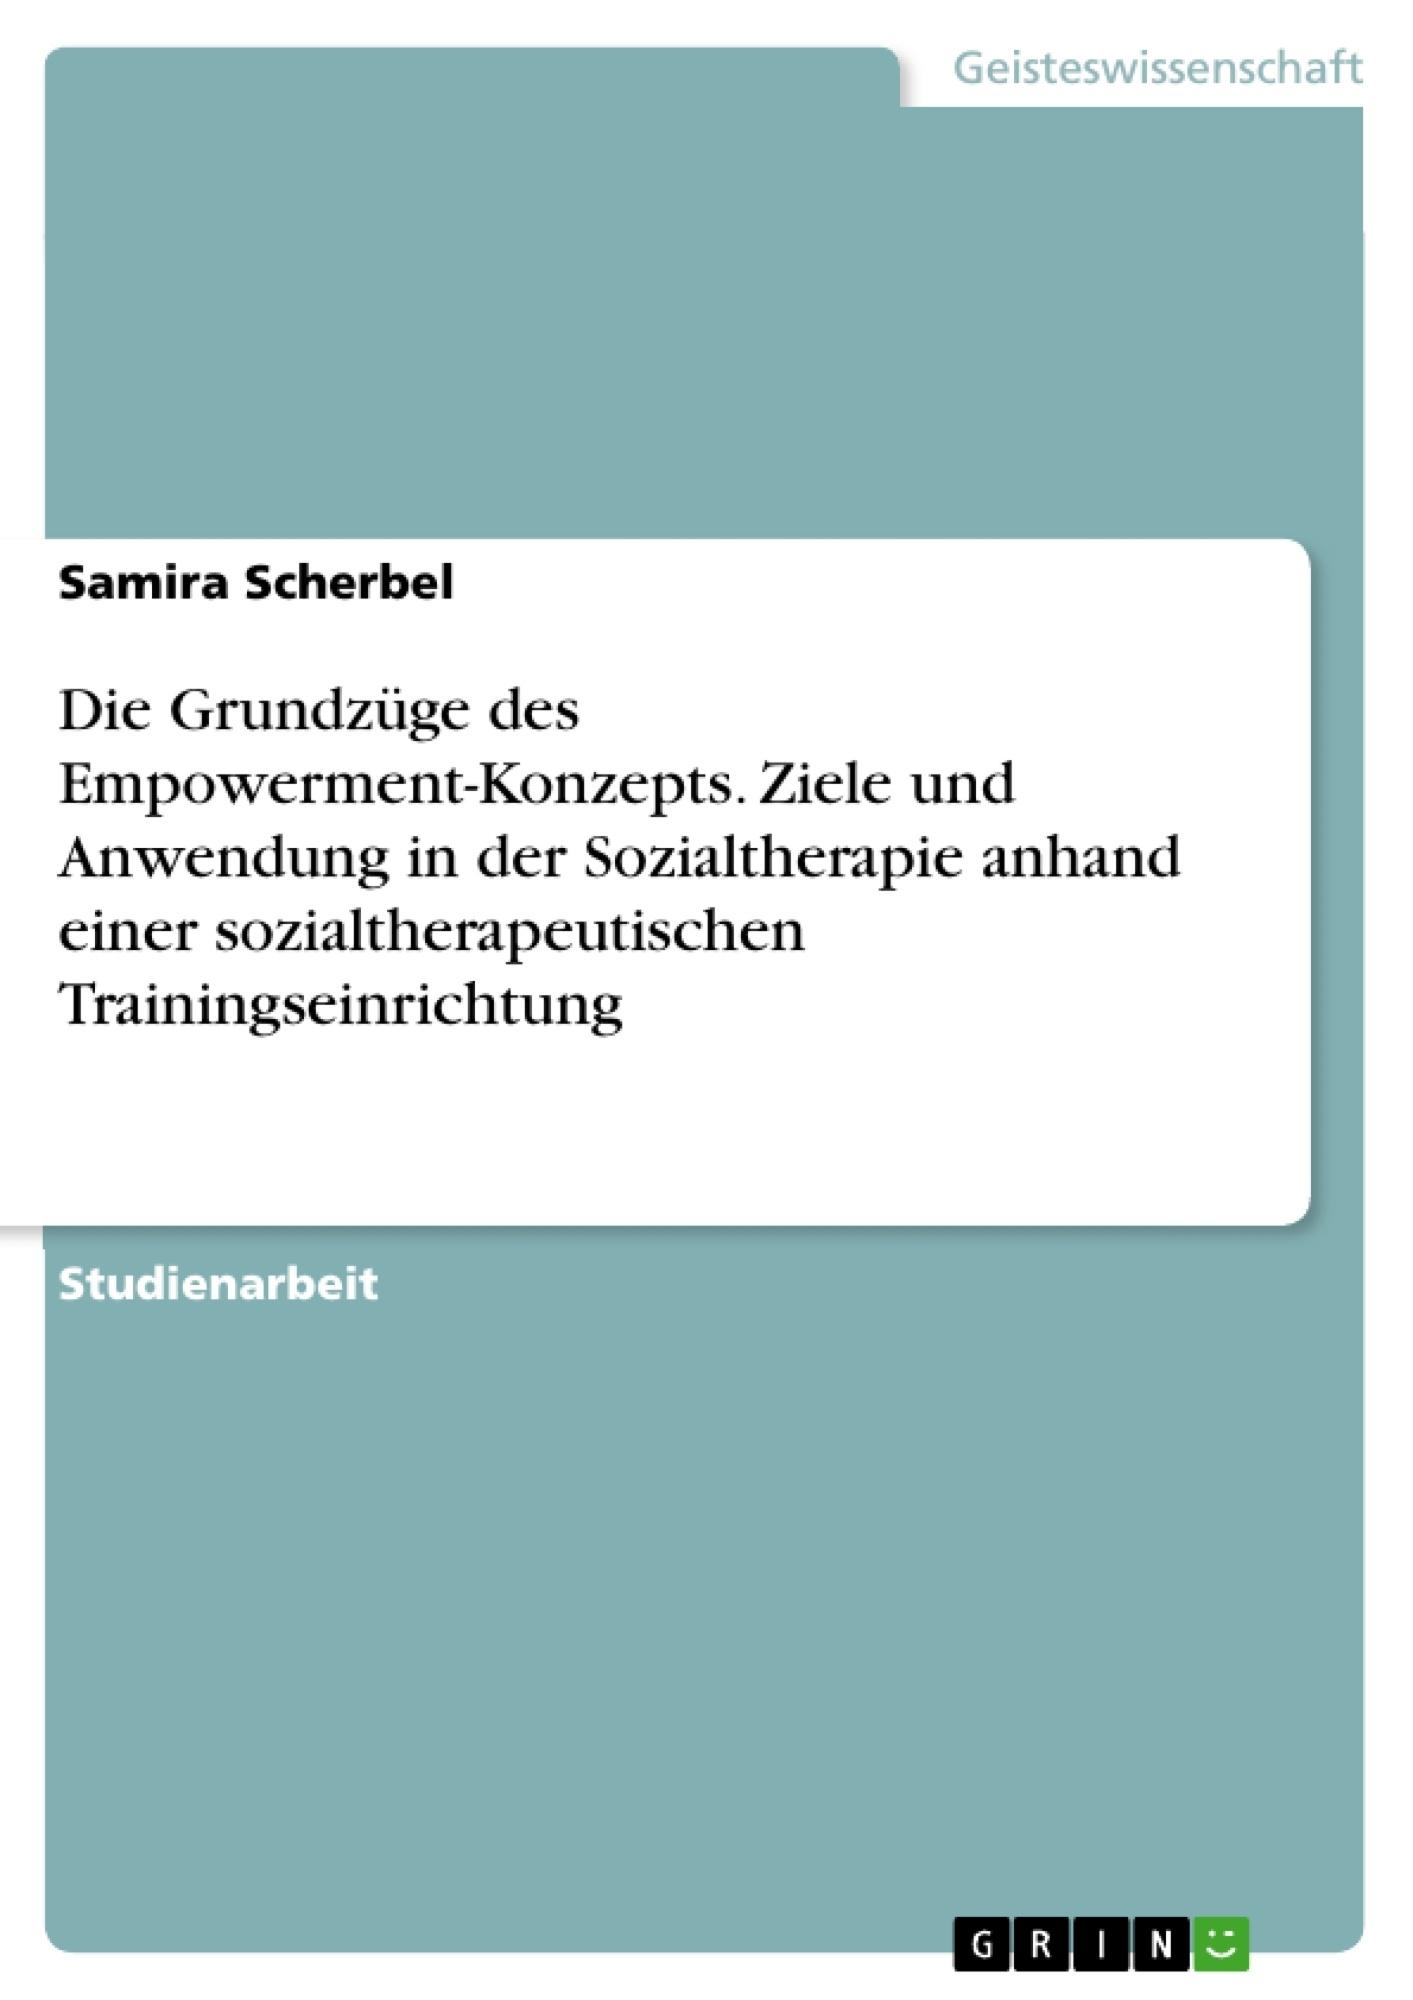 Titel: Die Grundzüge des Empowerment-Konzepts. Ziele und Anwendung in der Sozialtherapie anhand einer sozialtherapeutischen Trainingseinrichtung